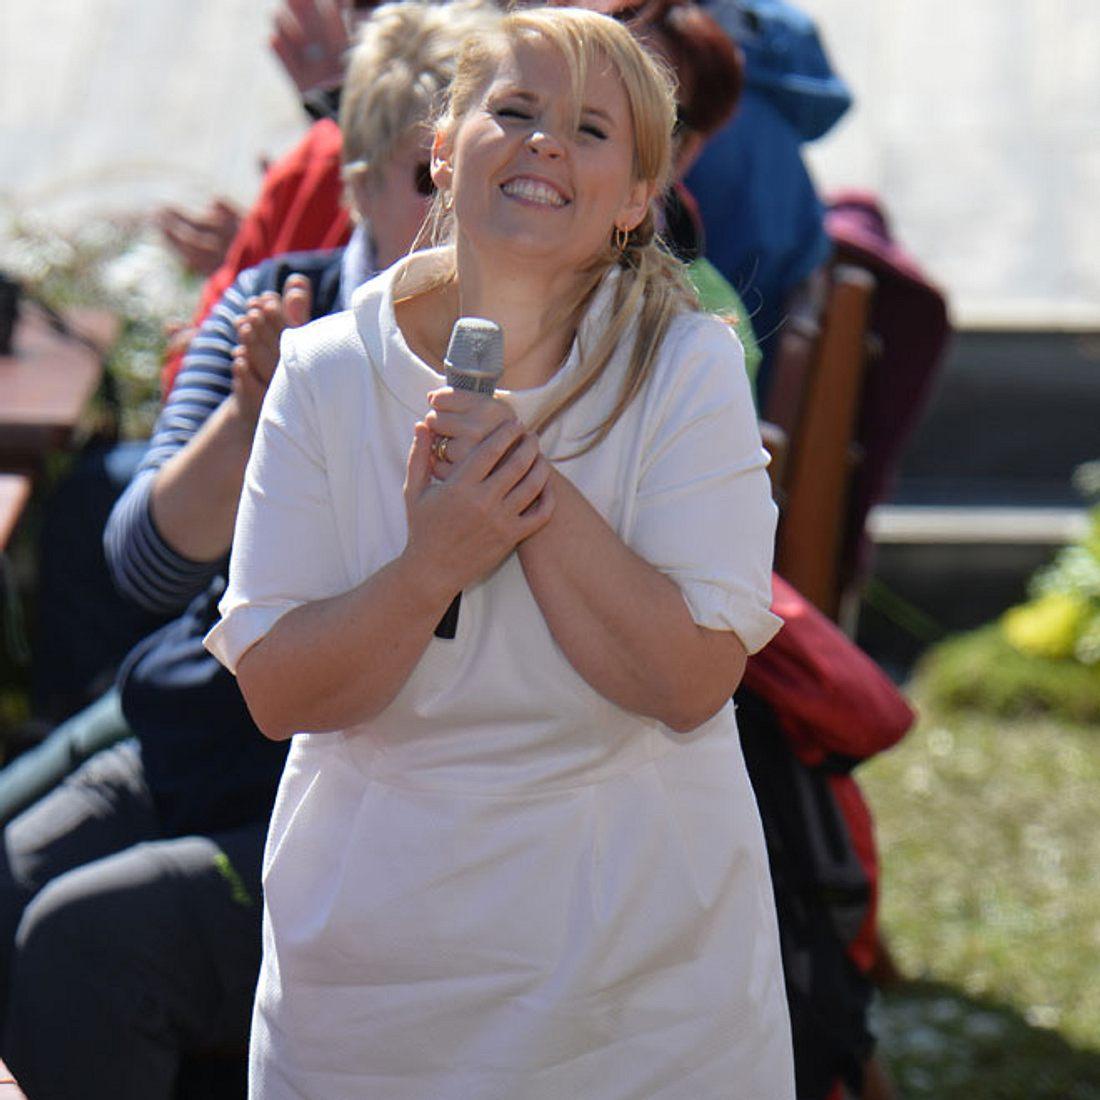 Wundervolle Neuigkeiten: Maite Kelly macht es offziell!